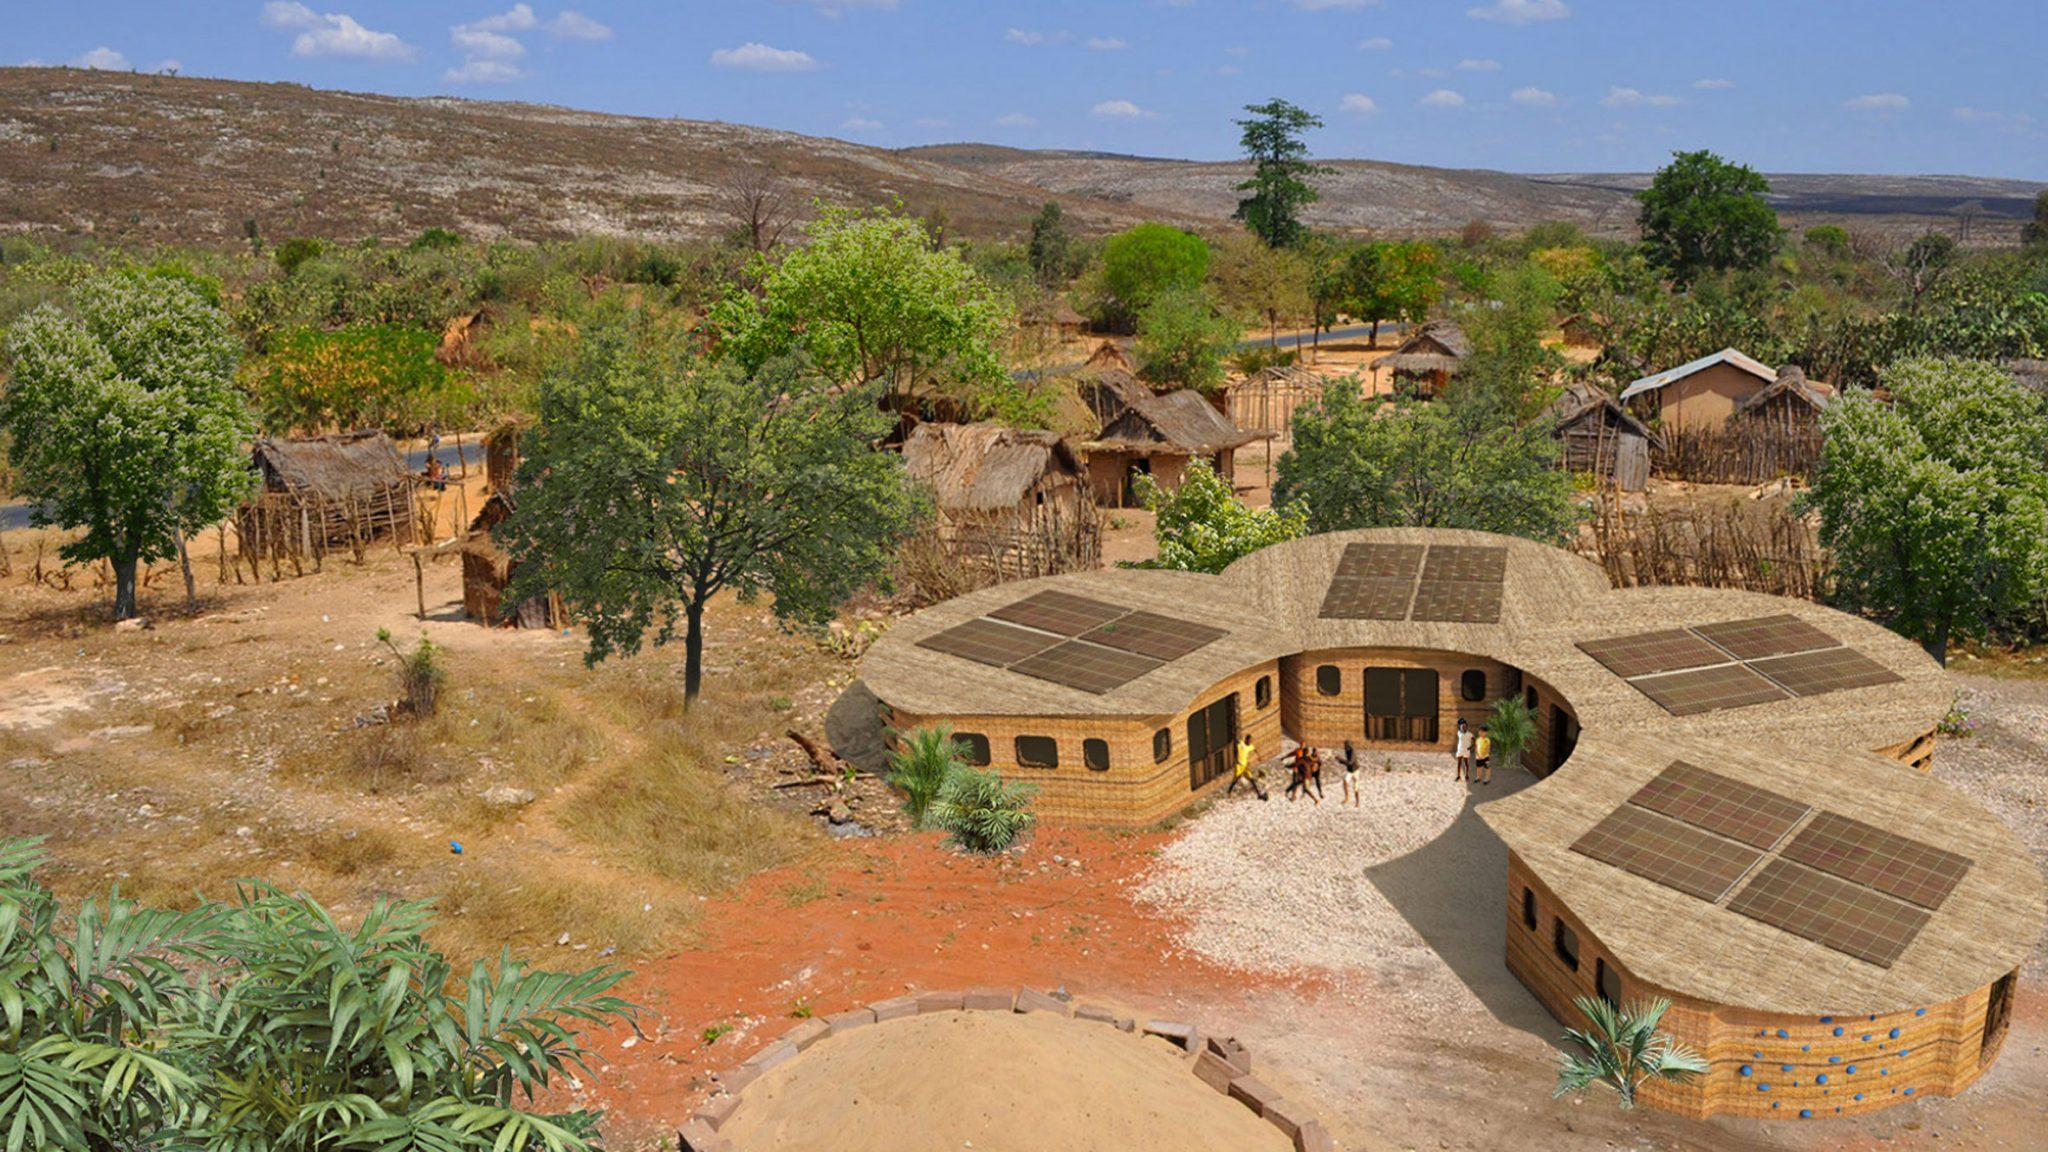 스튜디오 모르타자비, 마다가스카르에 3D 프린팅 기술로 파드기법의 학교 건물 짓는다